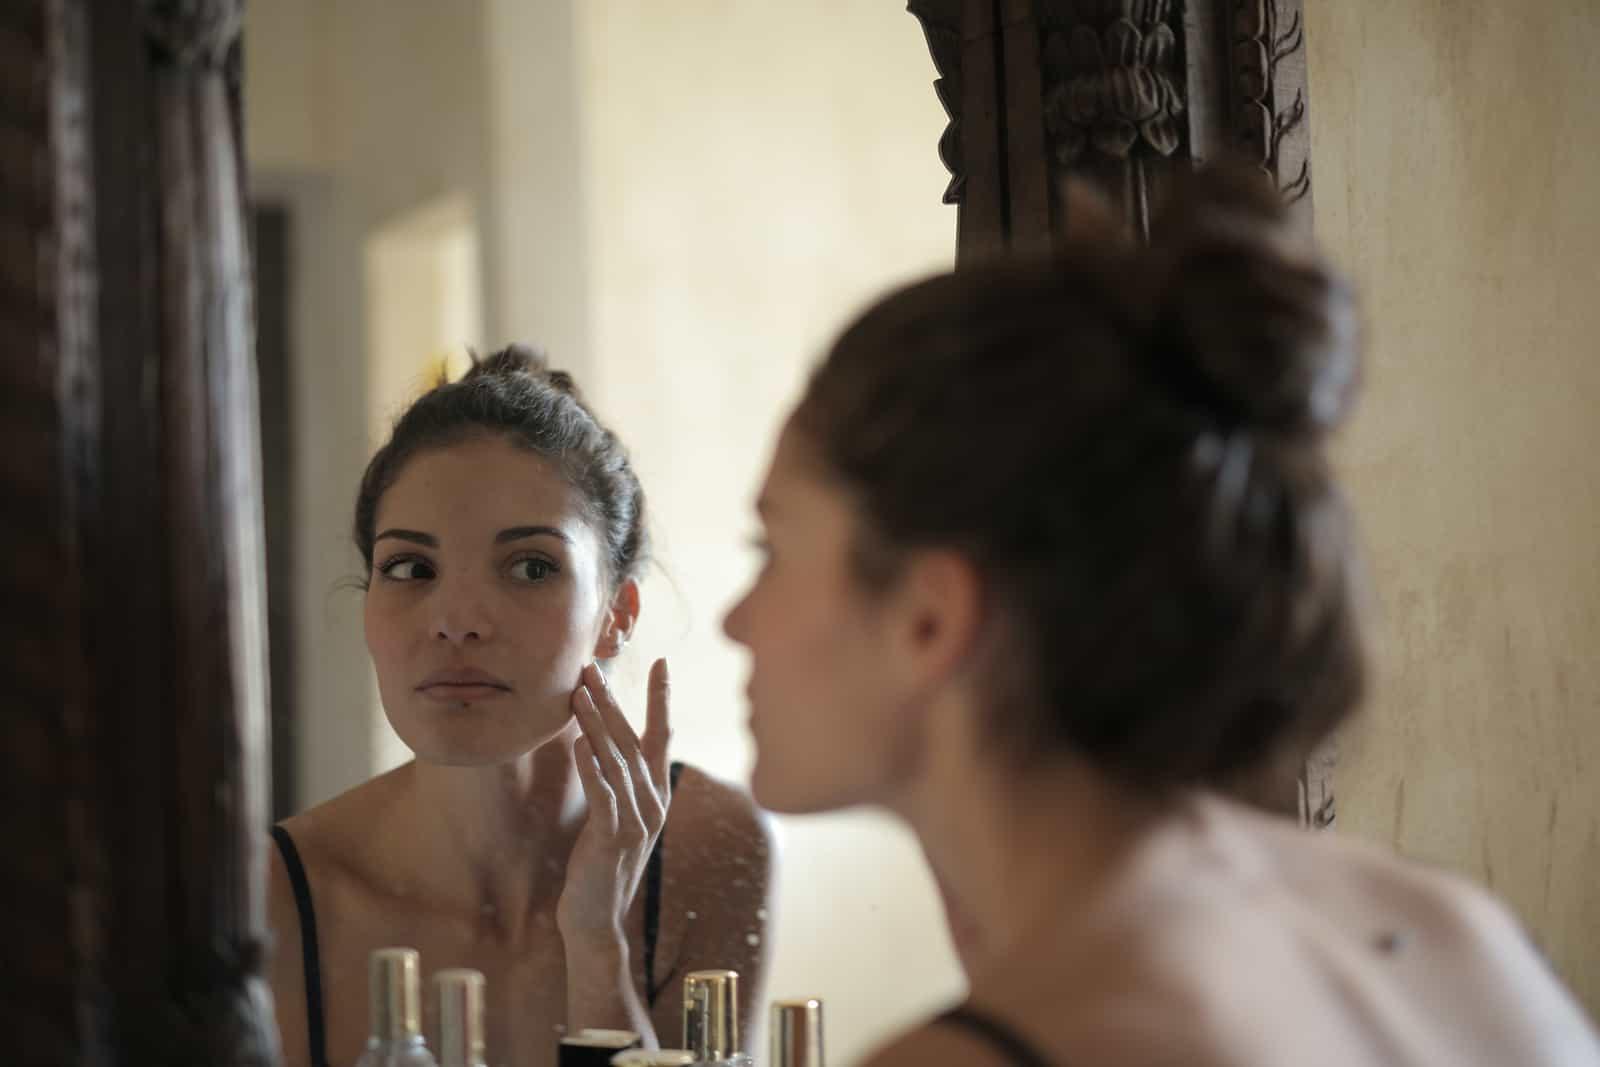 eine Frau, die sich in den Spiegel schaut und ihr Gesicht mit der Hand berührt